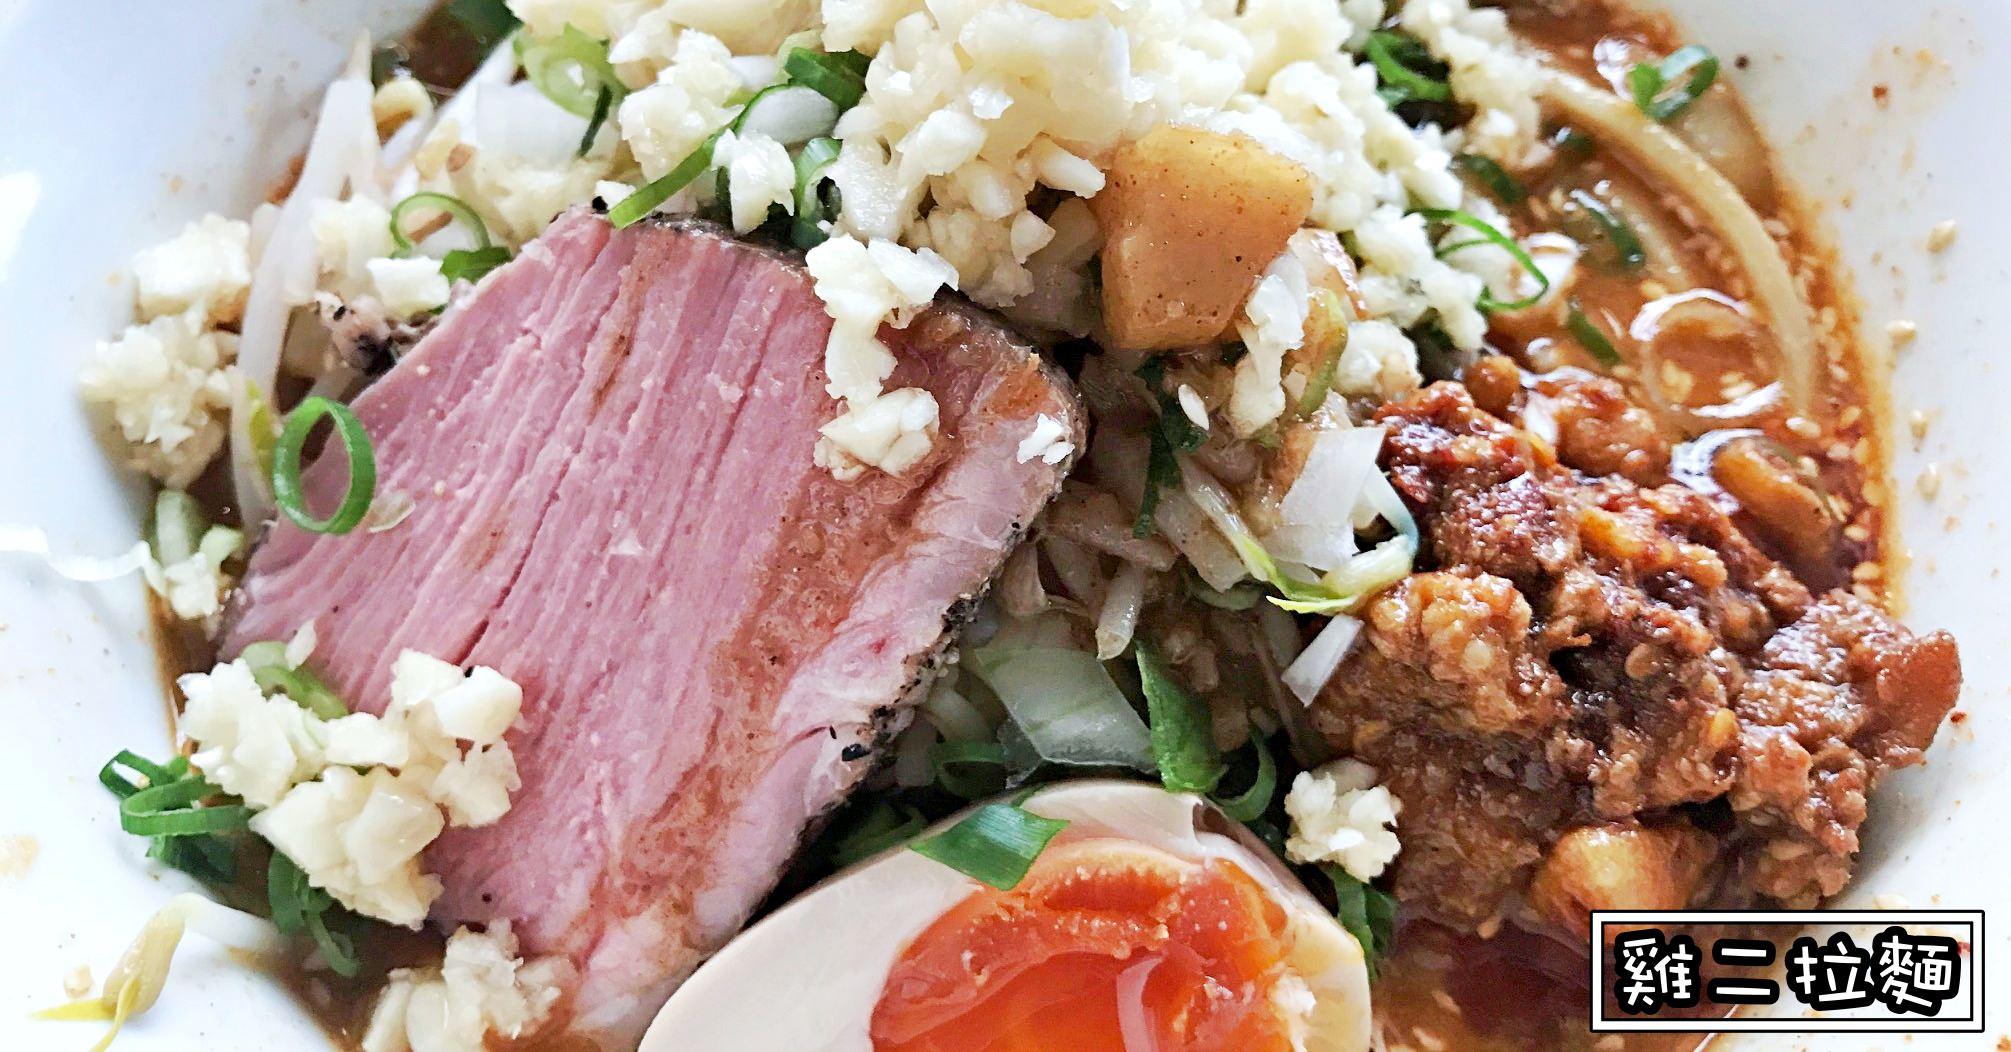 雞二拉麵,台北雞湯拉麵,台北拉麵推薦,雞二拉麵菜單,雞二拉麵menu,雞二拉麵價錢 @Nash,神之領域